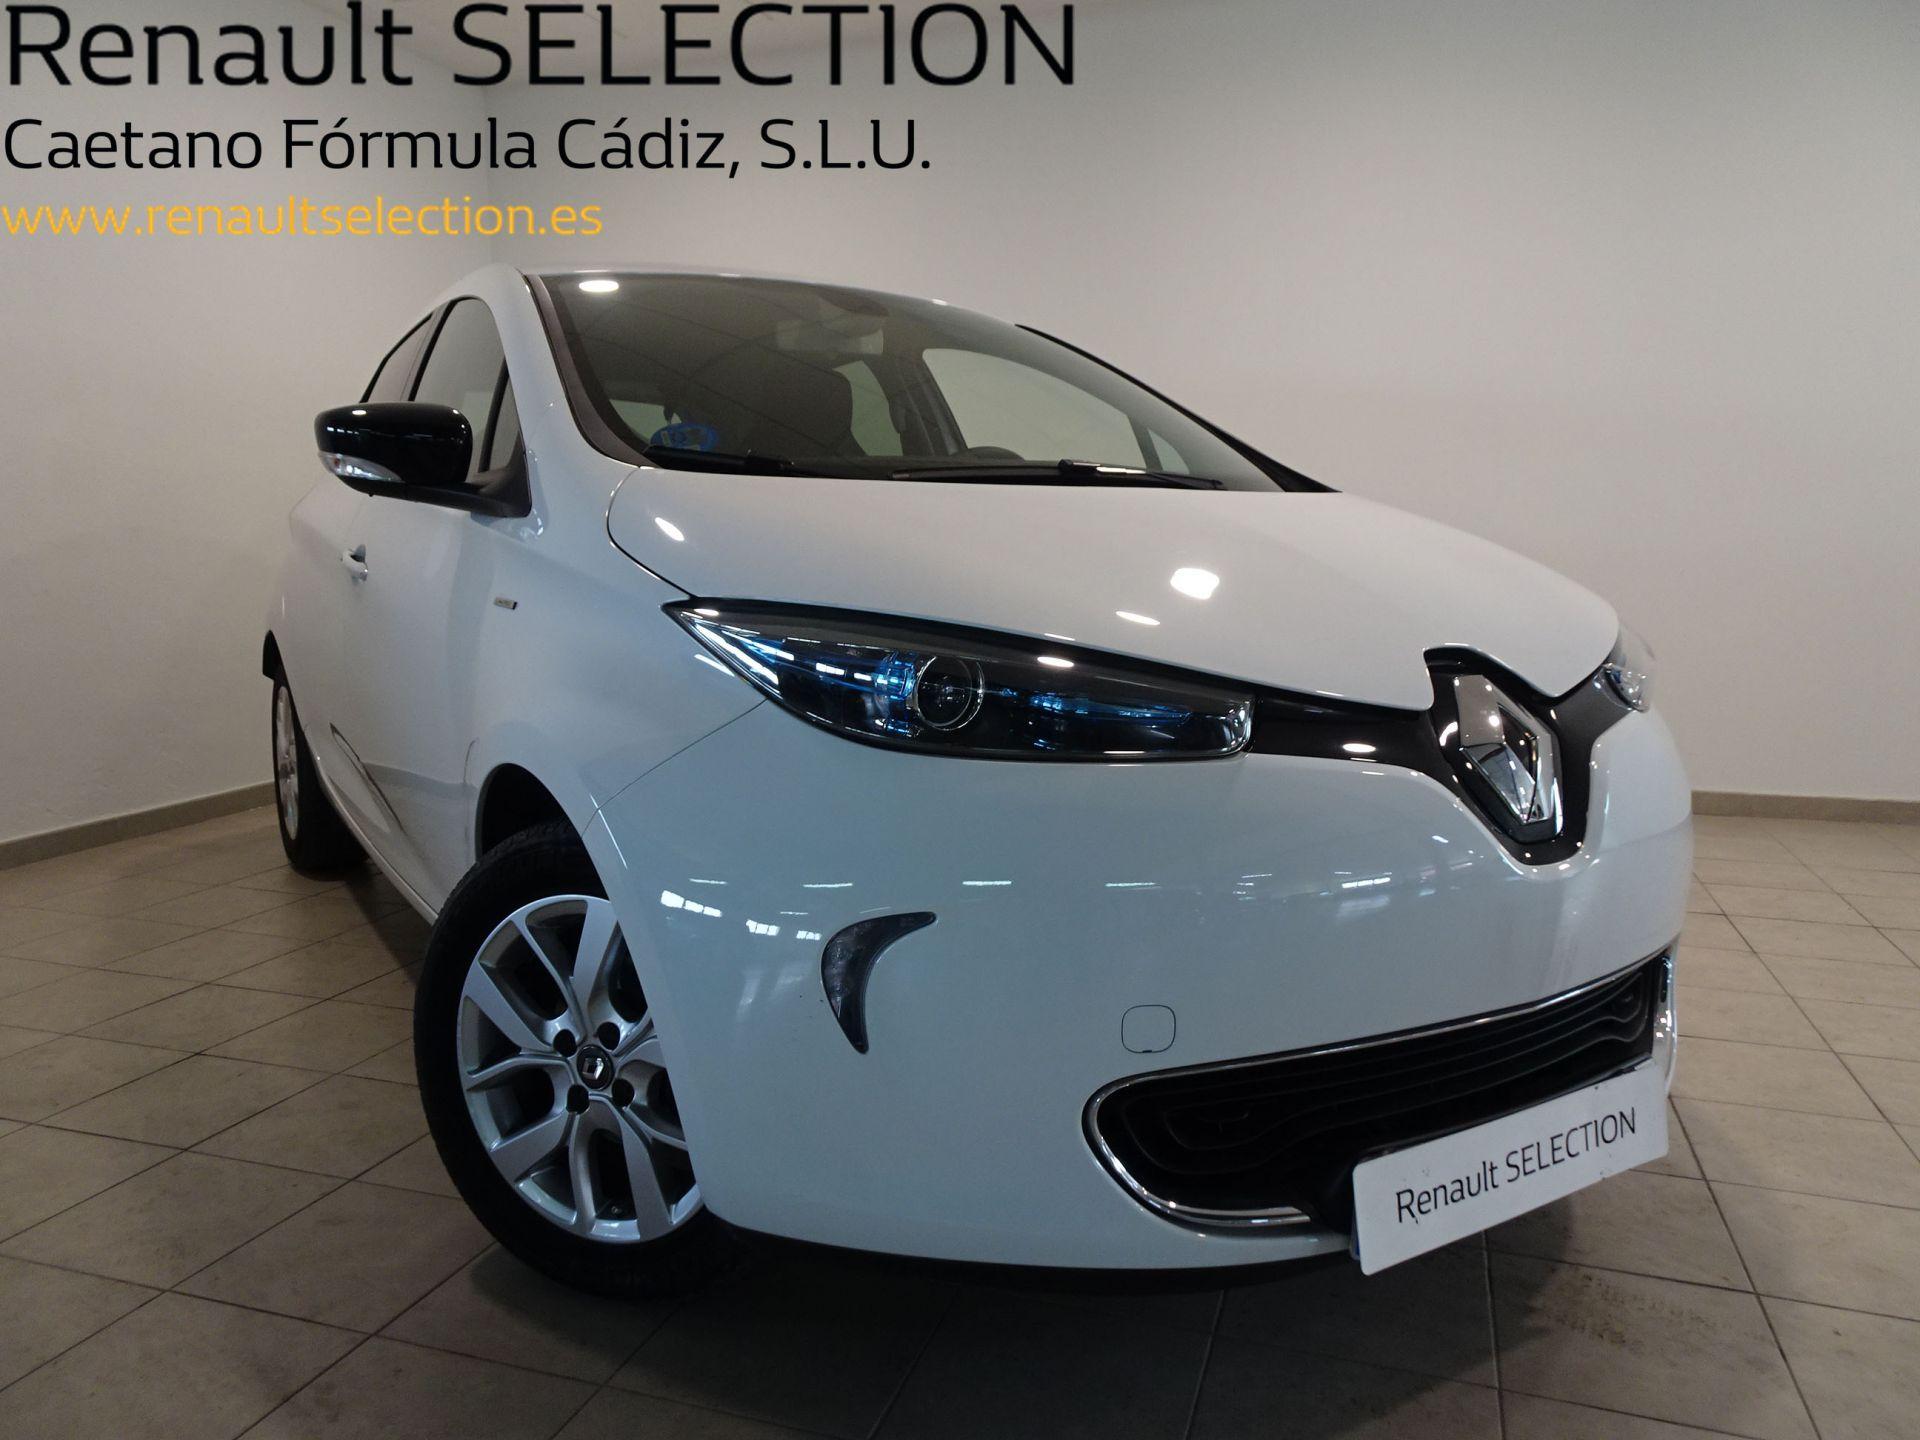 Renault ZOE Intens 80 kW R110 Batería 50kWh segunda mano Cádiz